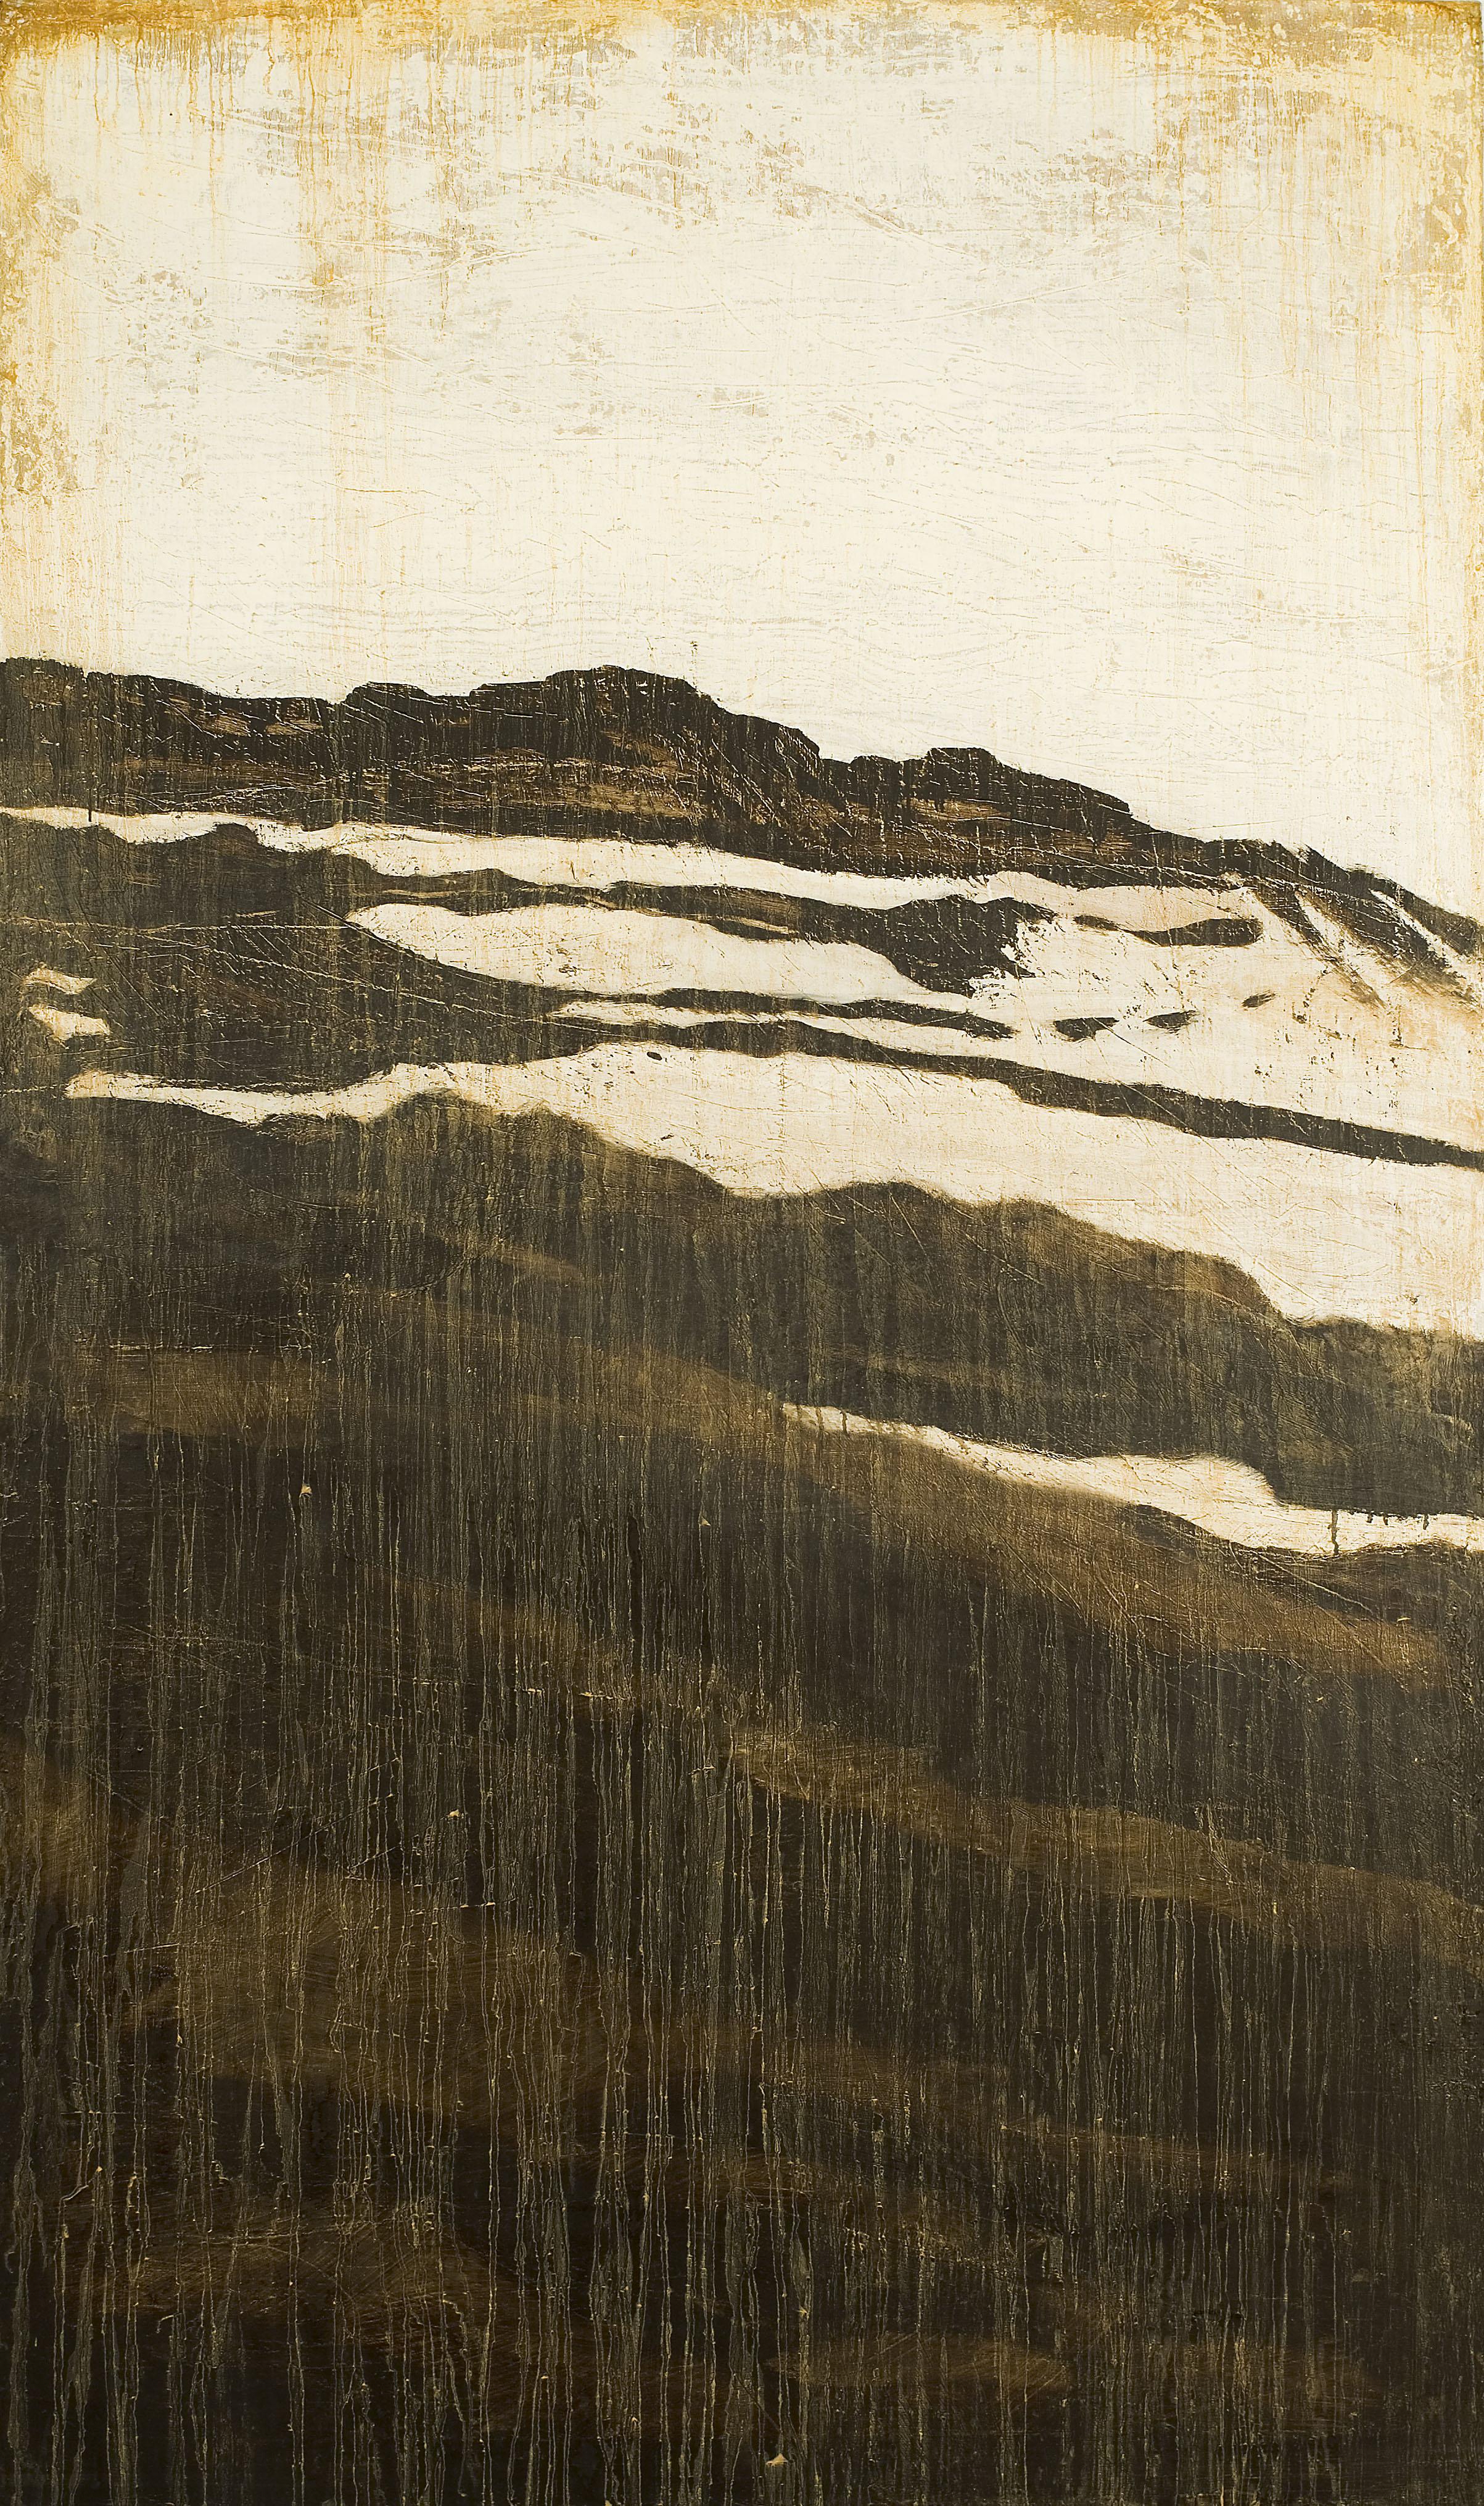 LG Lundberg, Naken, 2007, oil on canvas, 190 x 110 cm